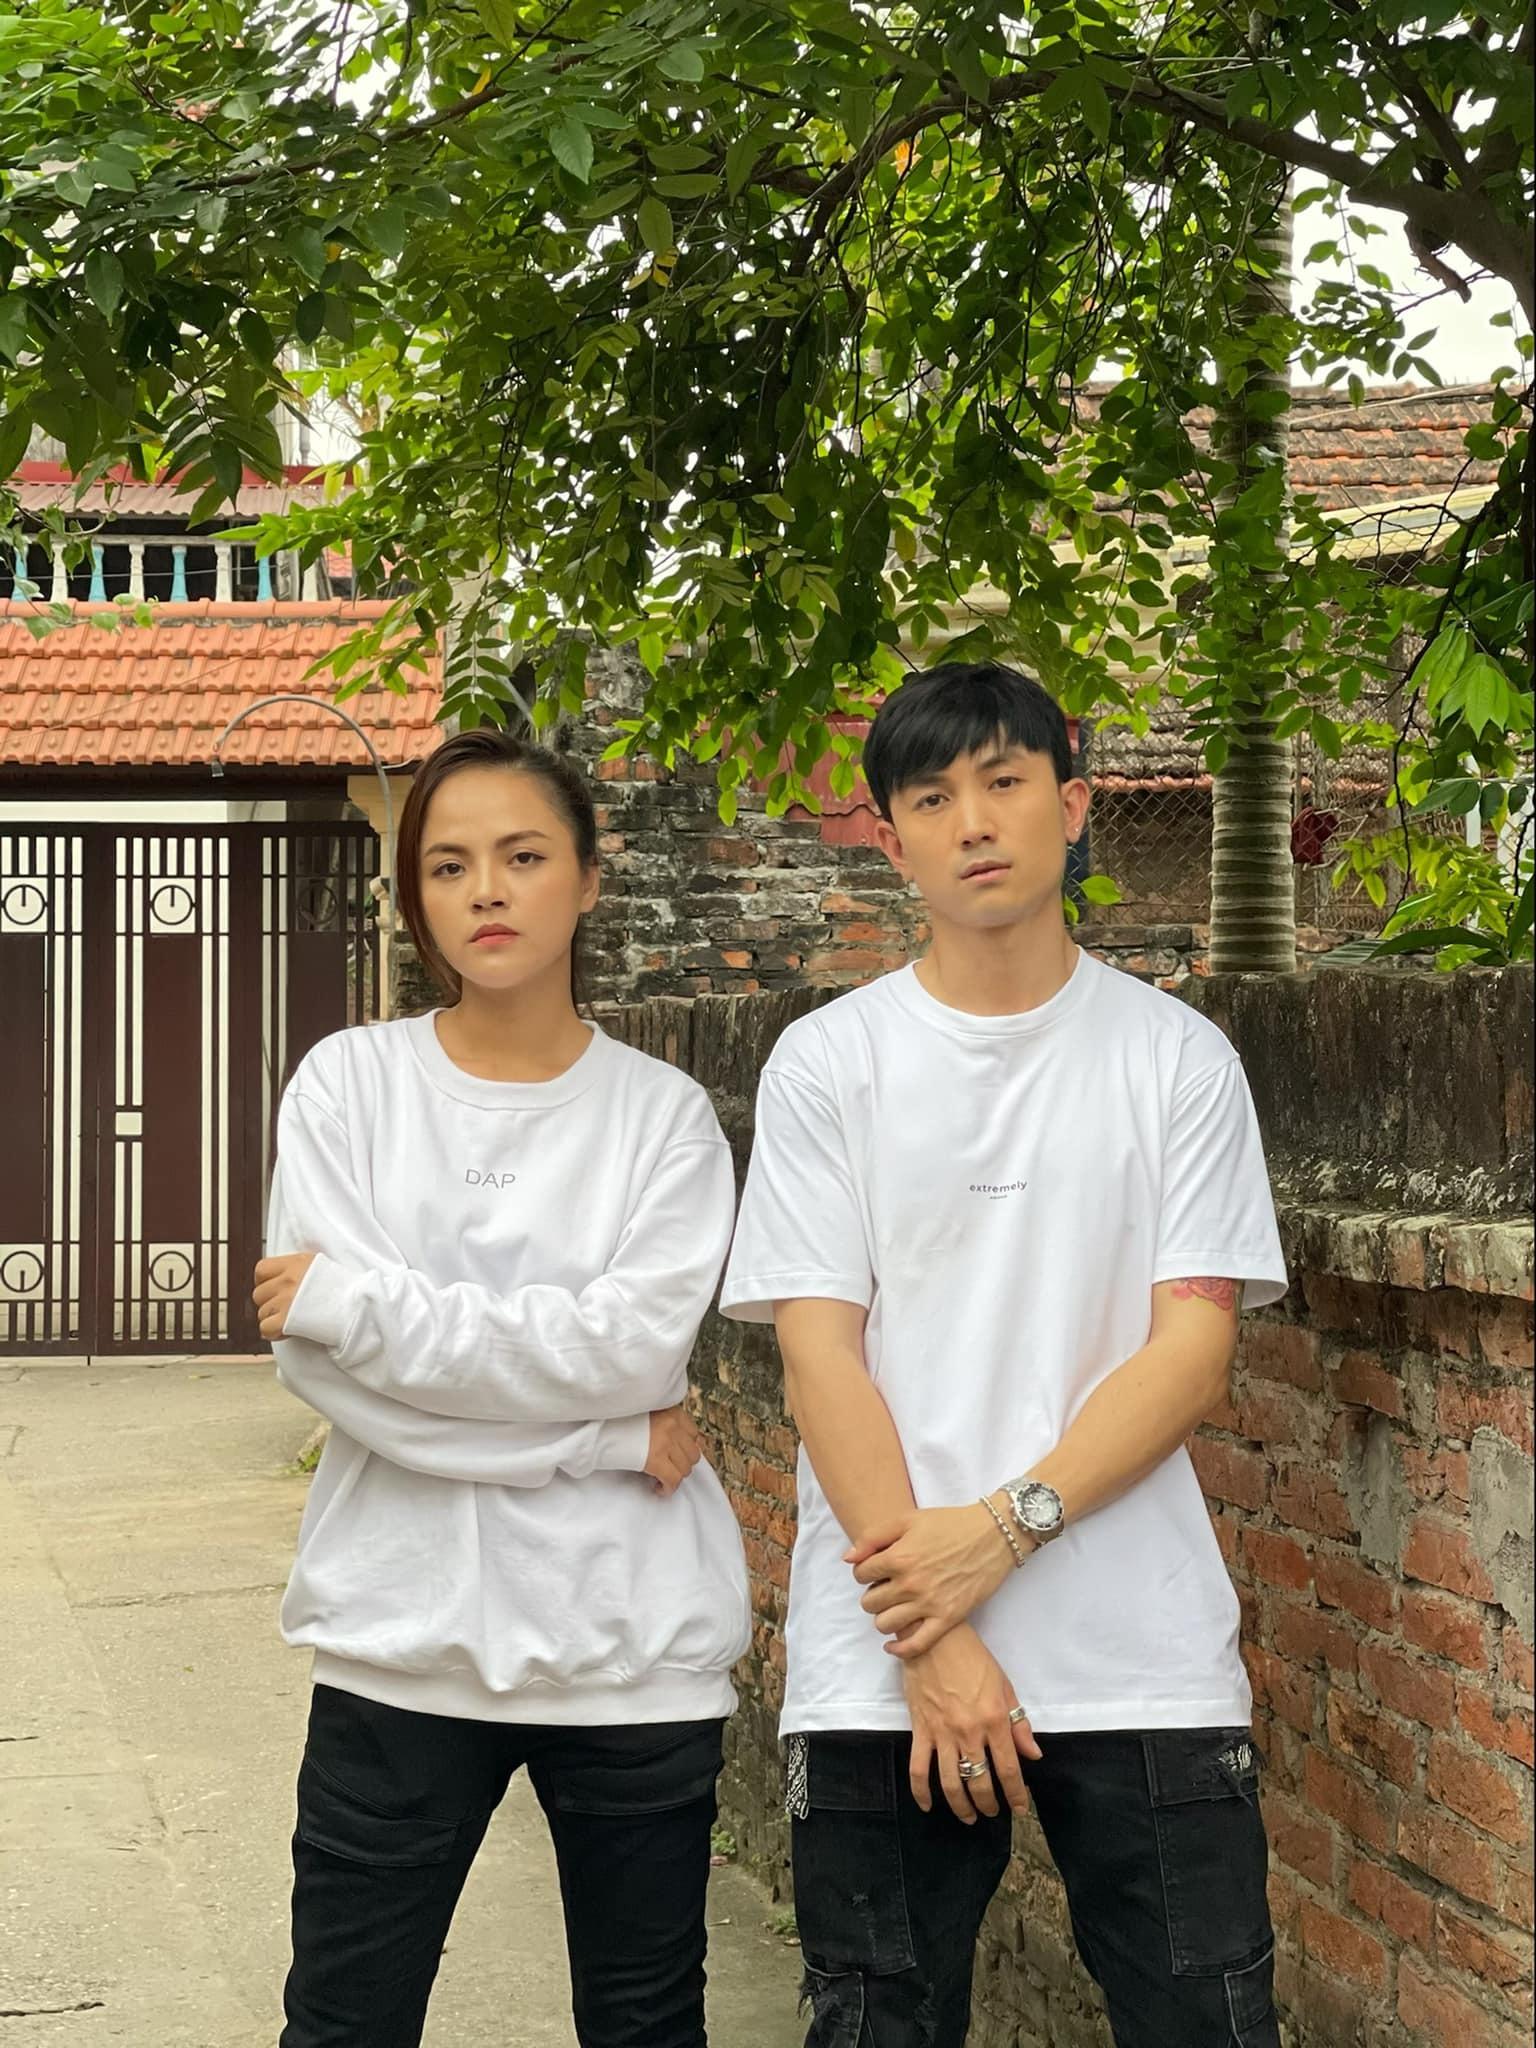 'Nam phụ quốc dân' Anh Vũ tiết lộ bị Bảo Hân 'cướp' nụ hôn đầu trên màn ảnh nhỏ